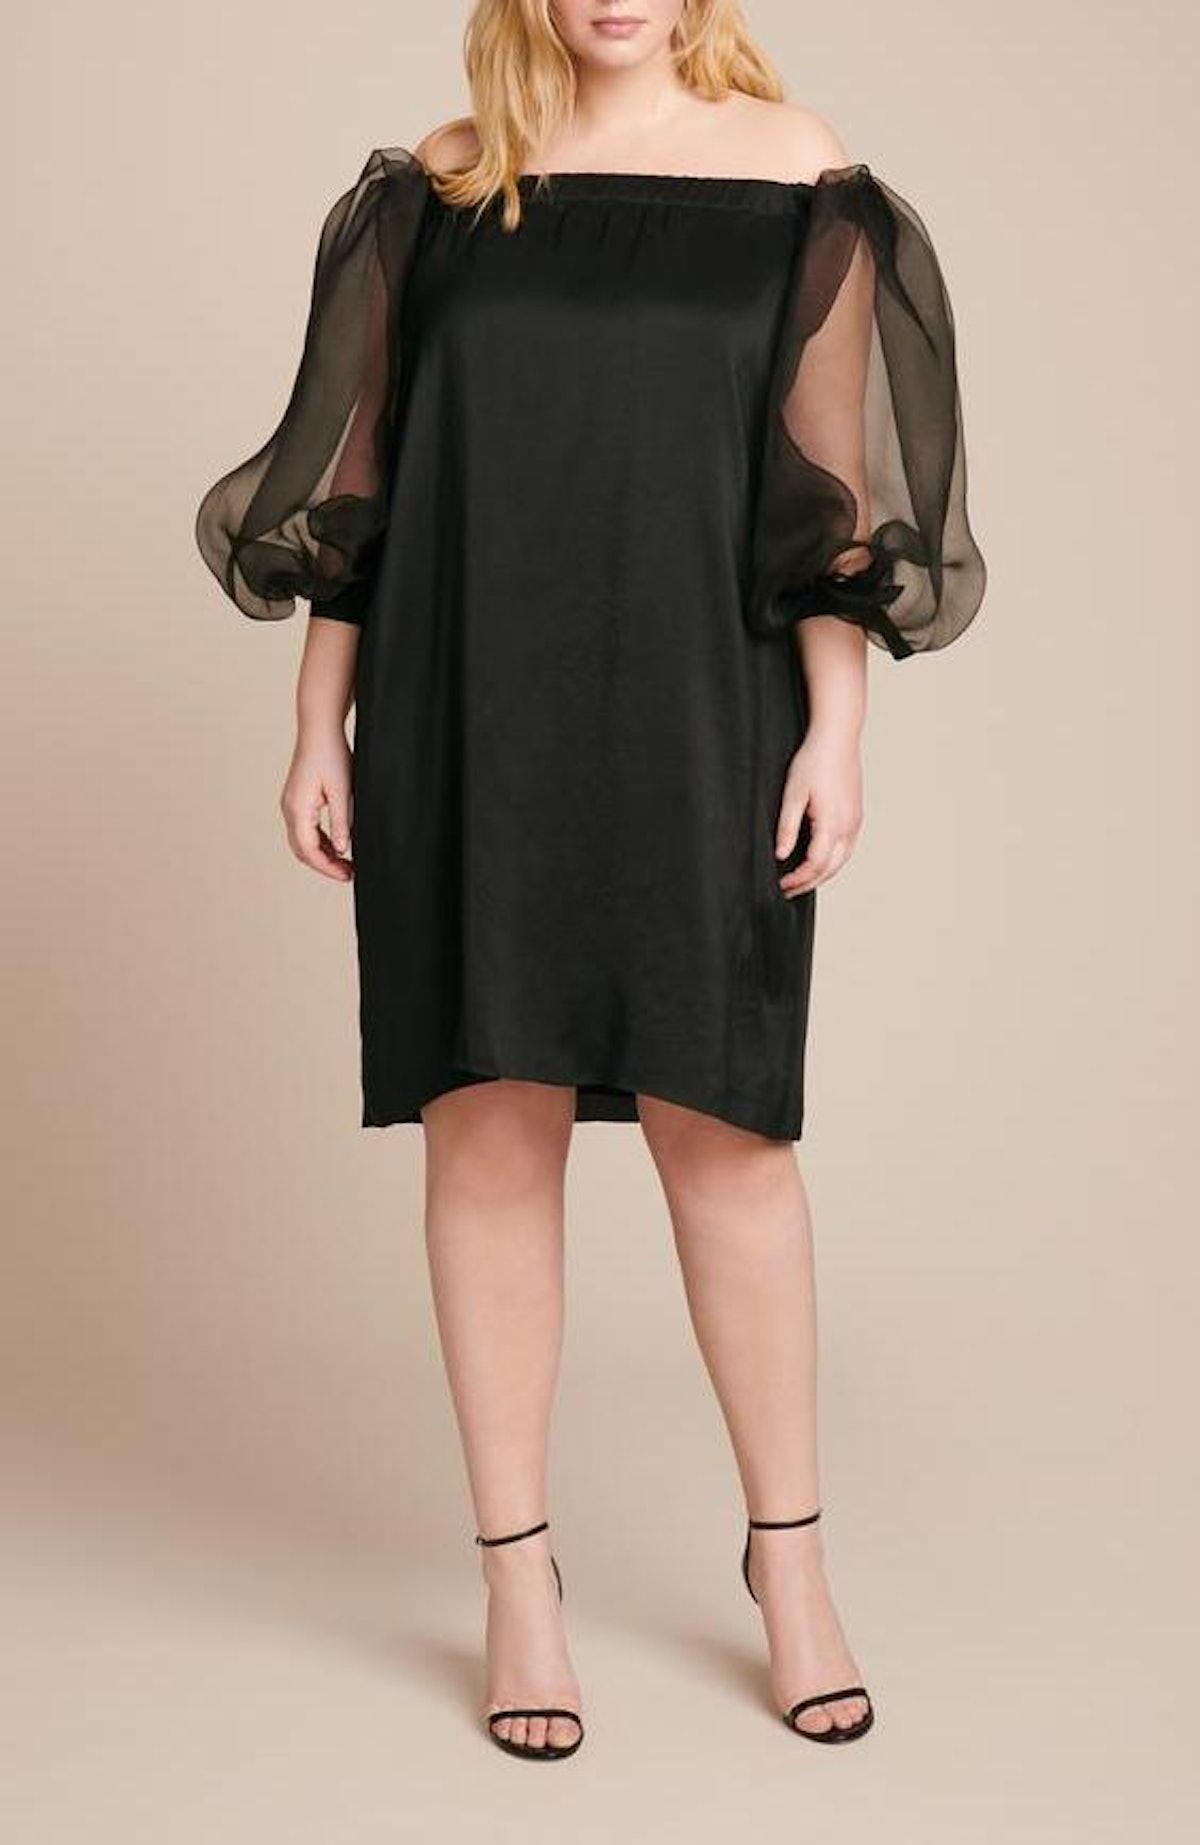 Paige Off-the-Shoulder Sheer Sleeve Dress